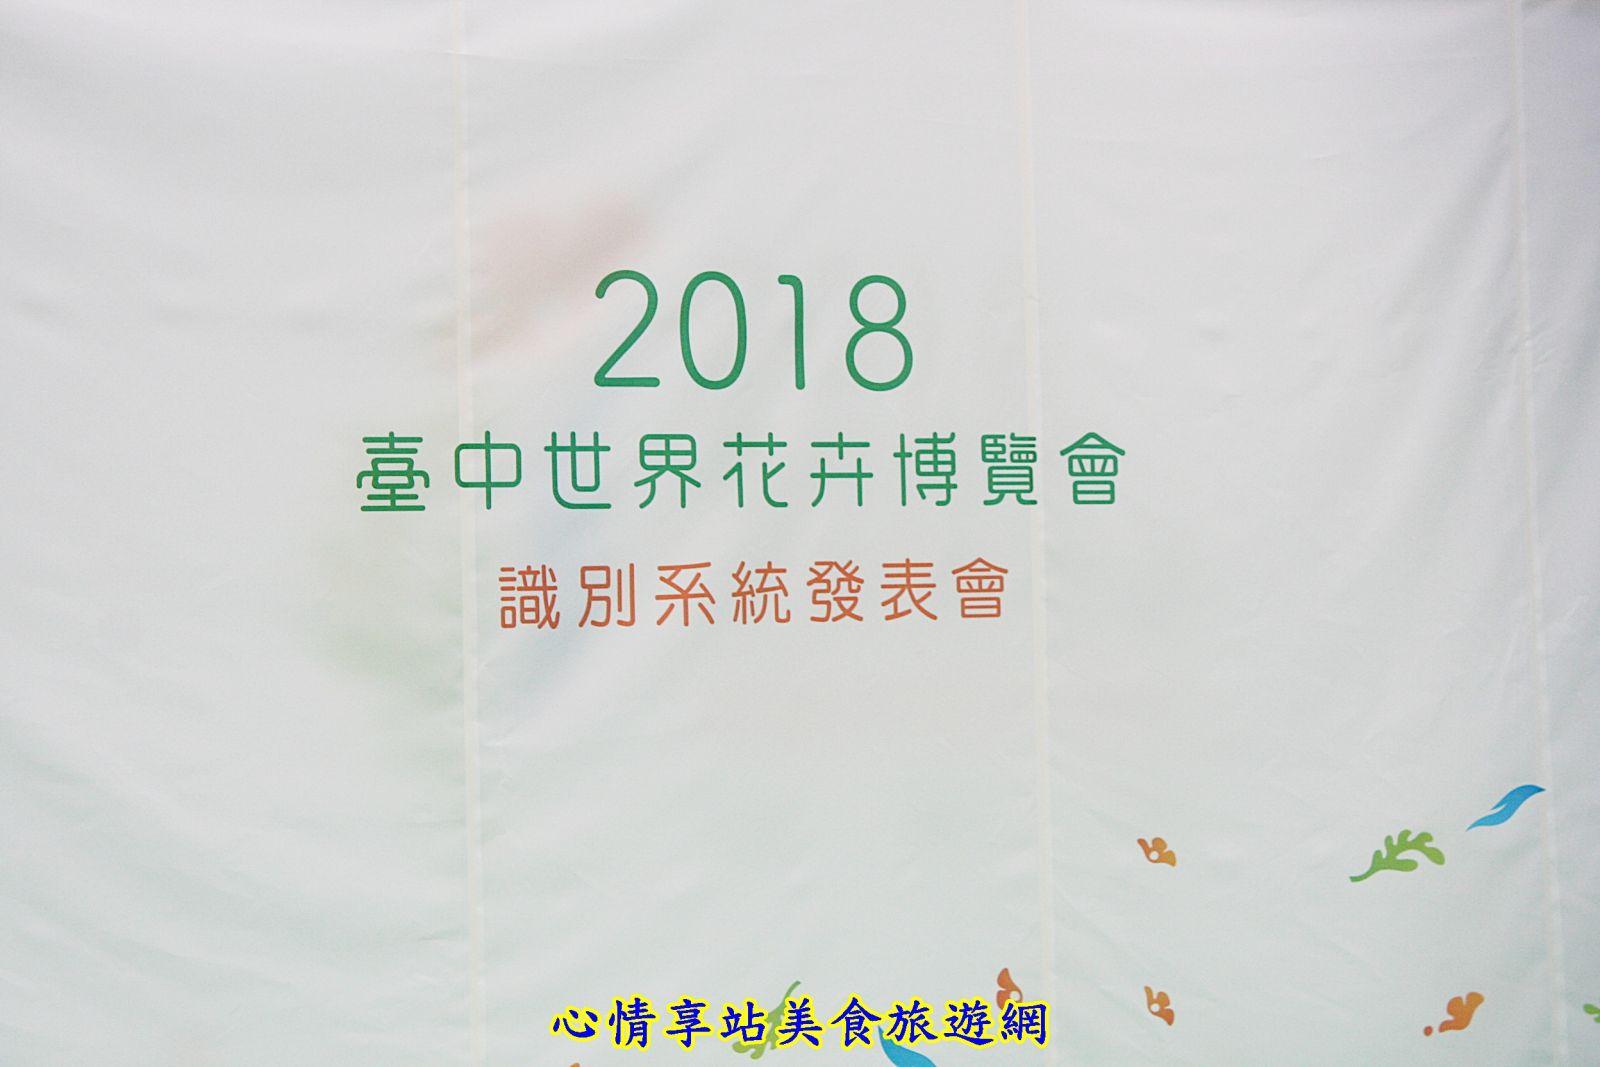 2018台中世界花博識別標誌